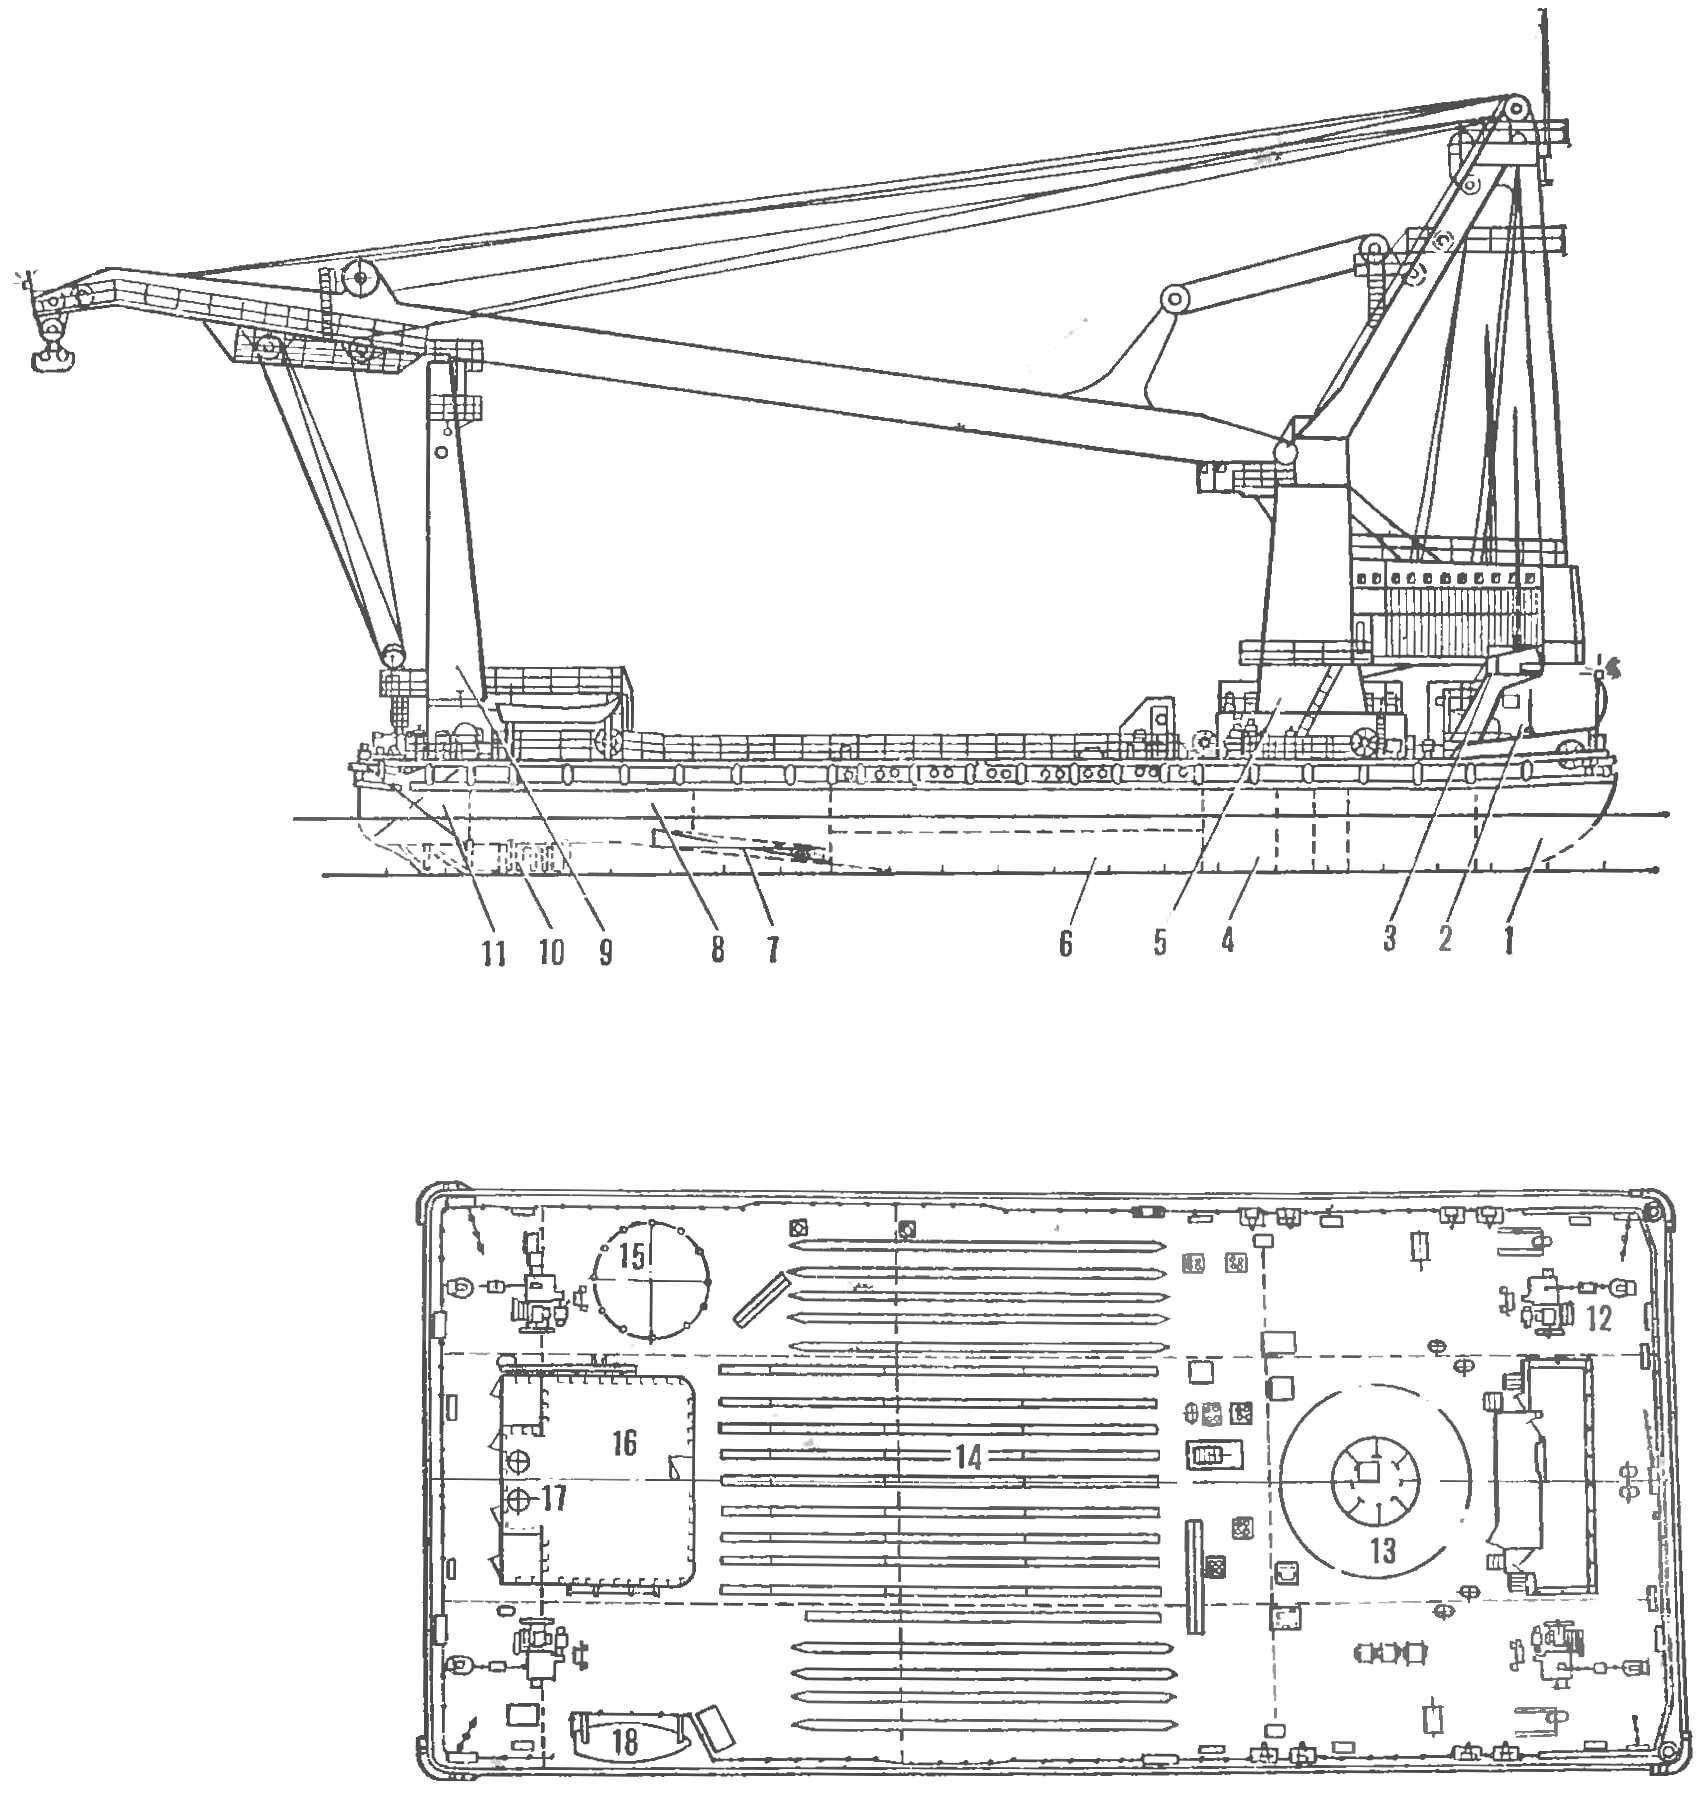 Fig. 2. Scheme of the crane